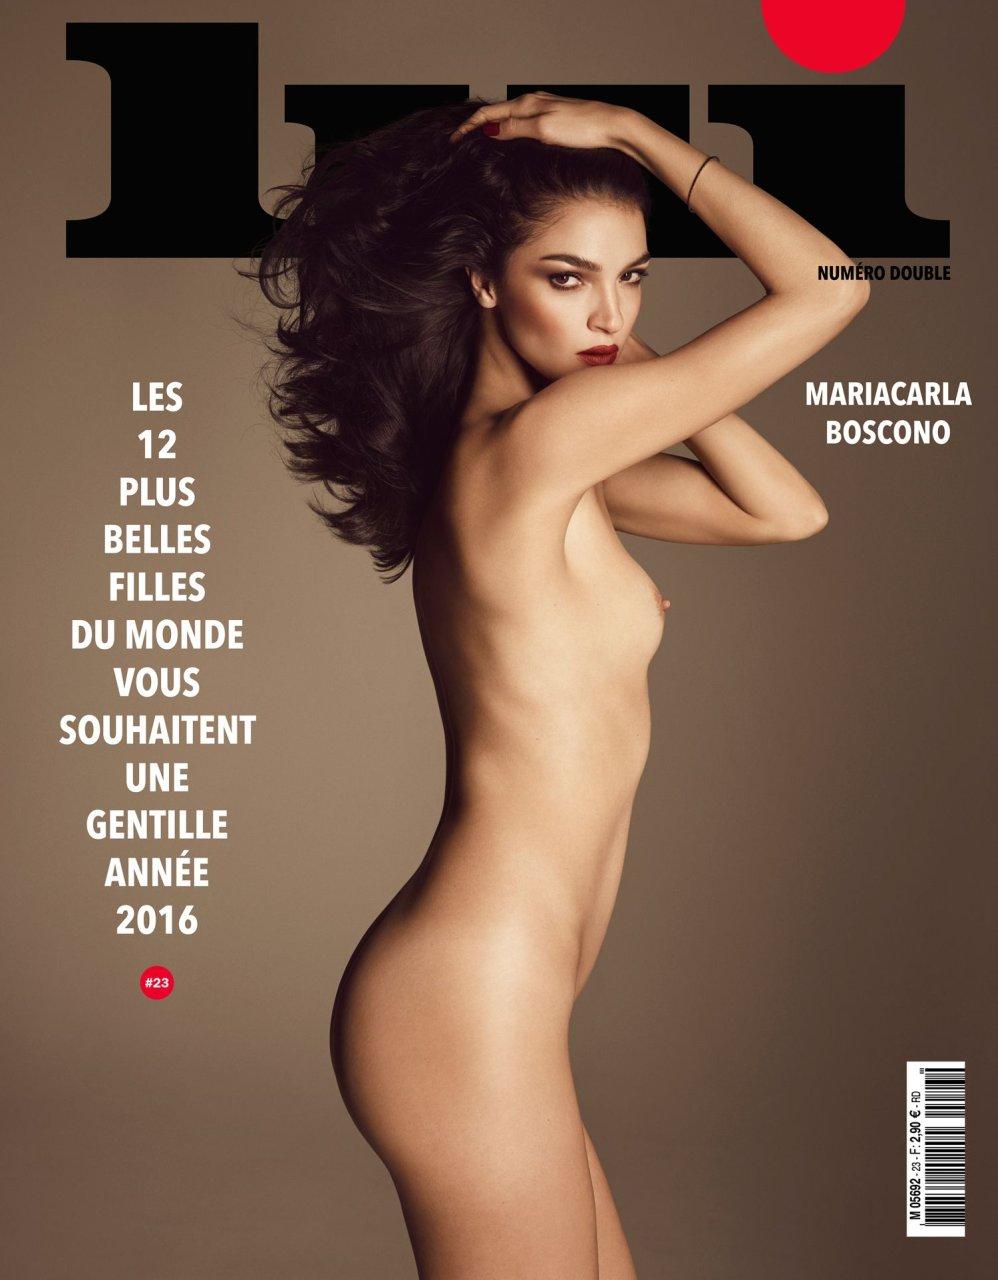 Naked Magazine Covers 3